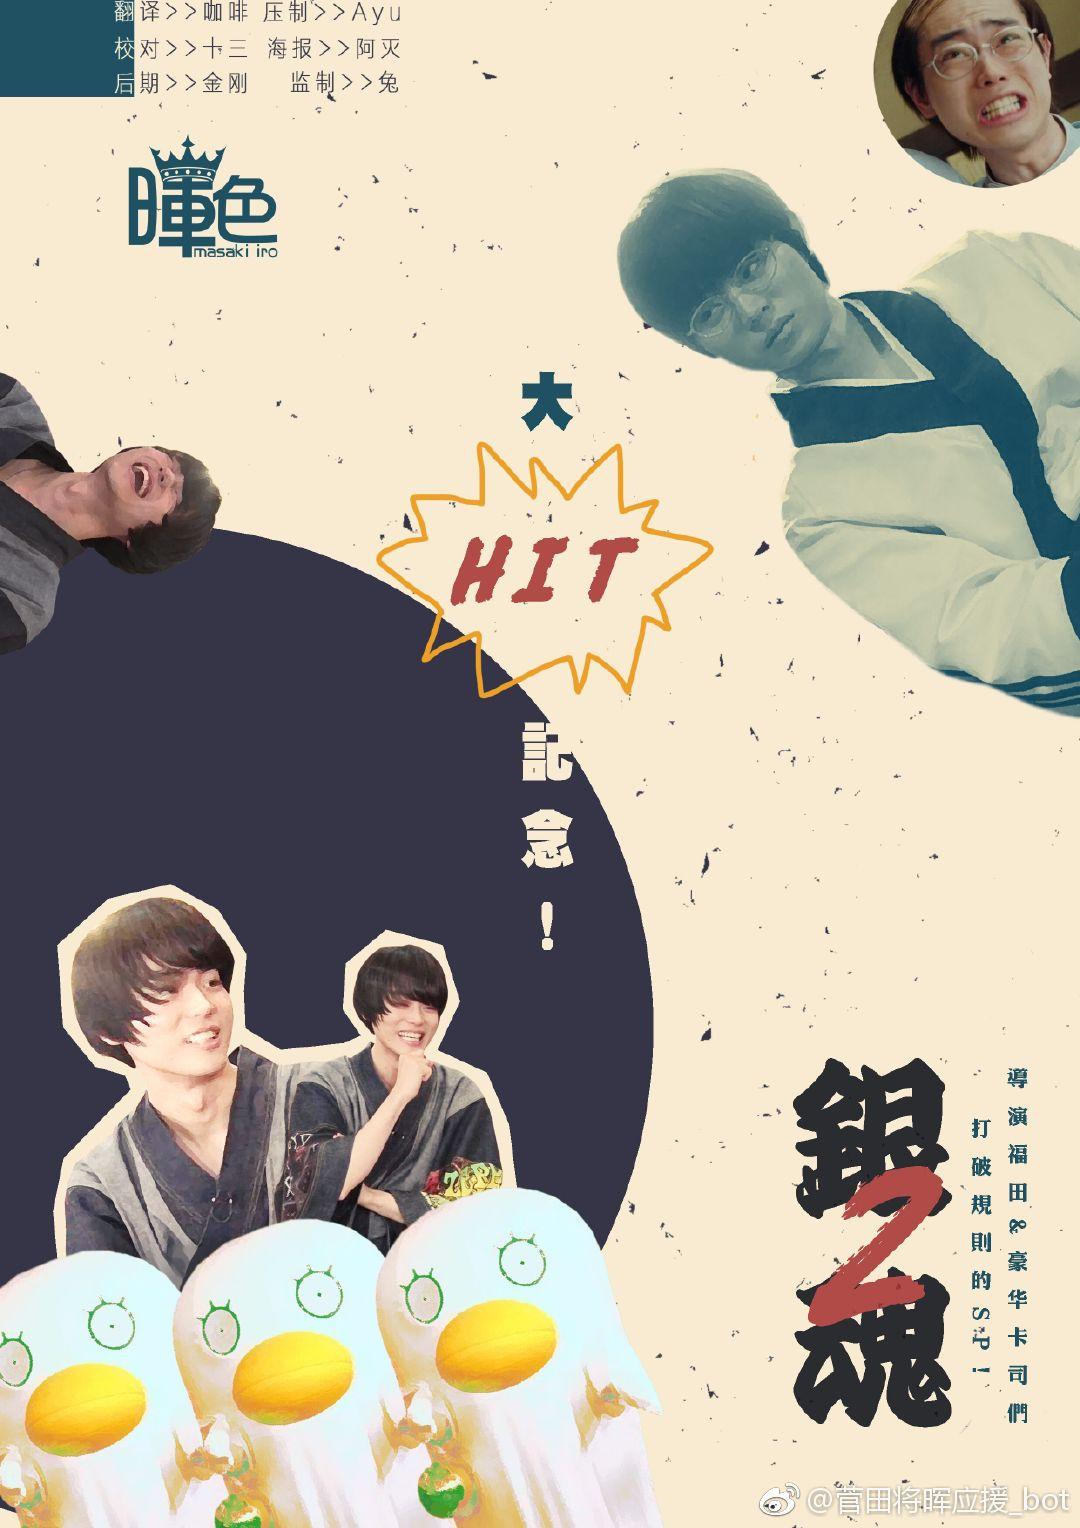 【晖色】180901「银魂2」大hit纪念!SP